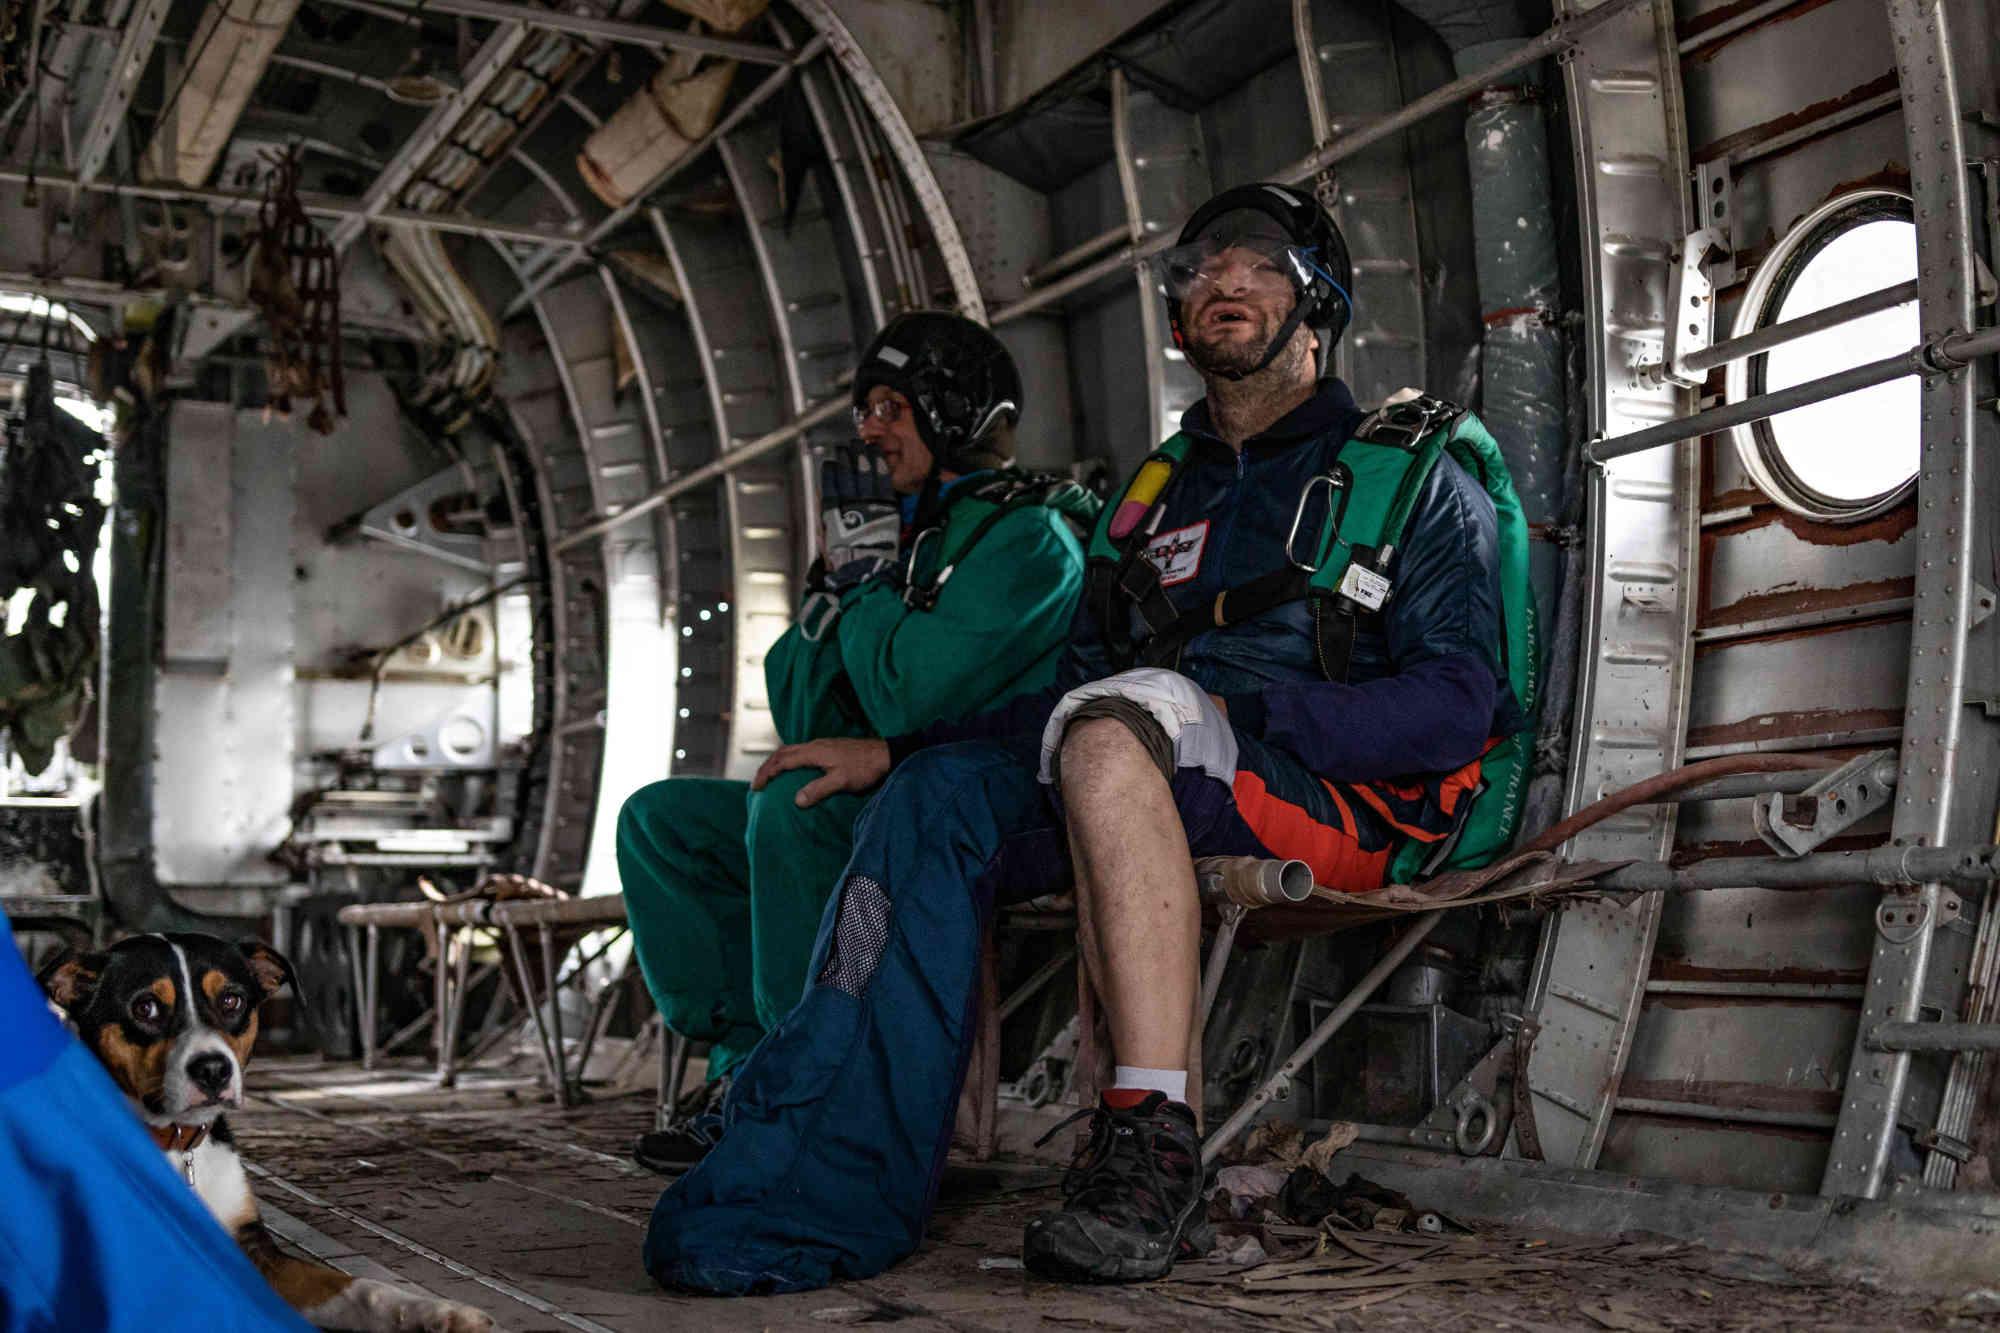 L'autre partie du staff manque plus que le pilote pour pouvoir sauter en parachute à proximité de Paris